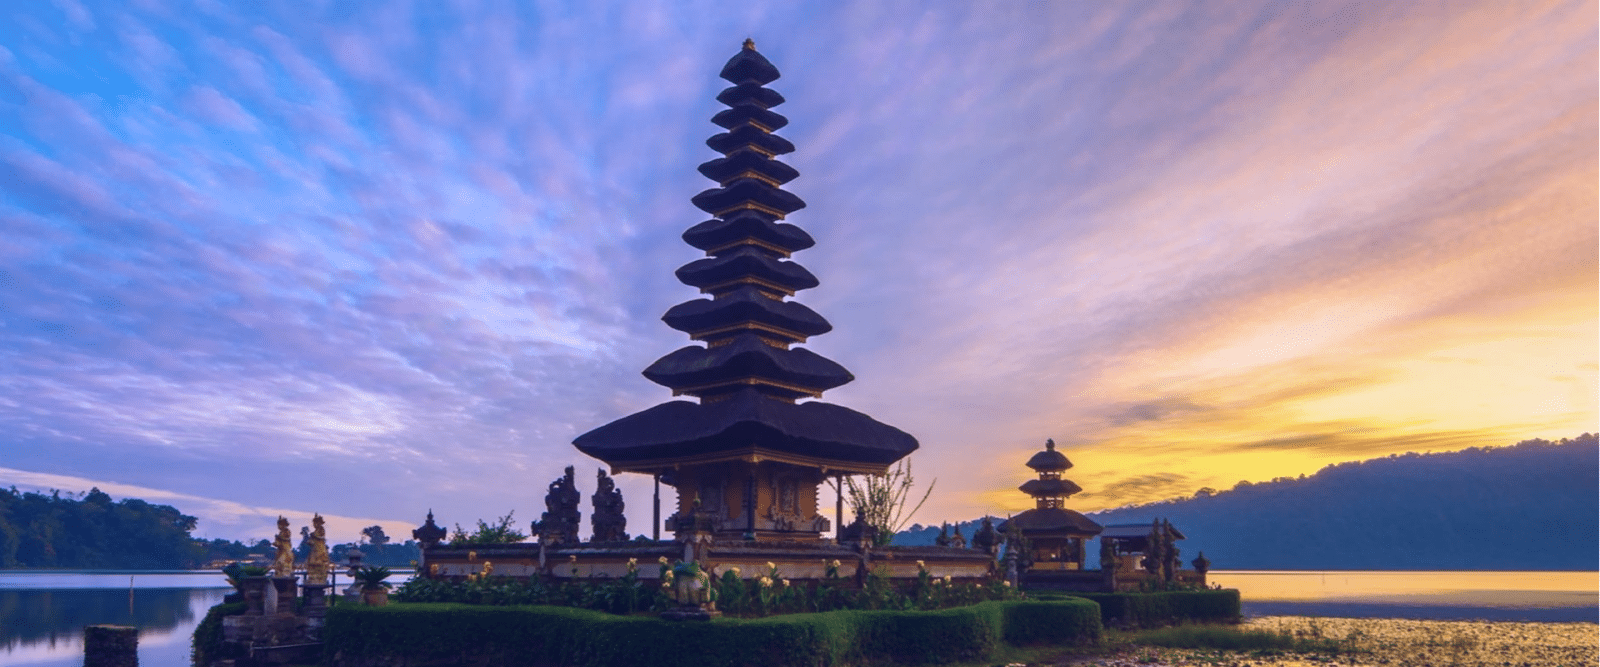 Bedugul Jatiluwih Tanah Lot Tour